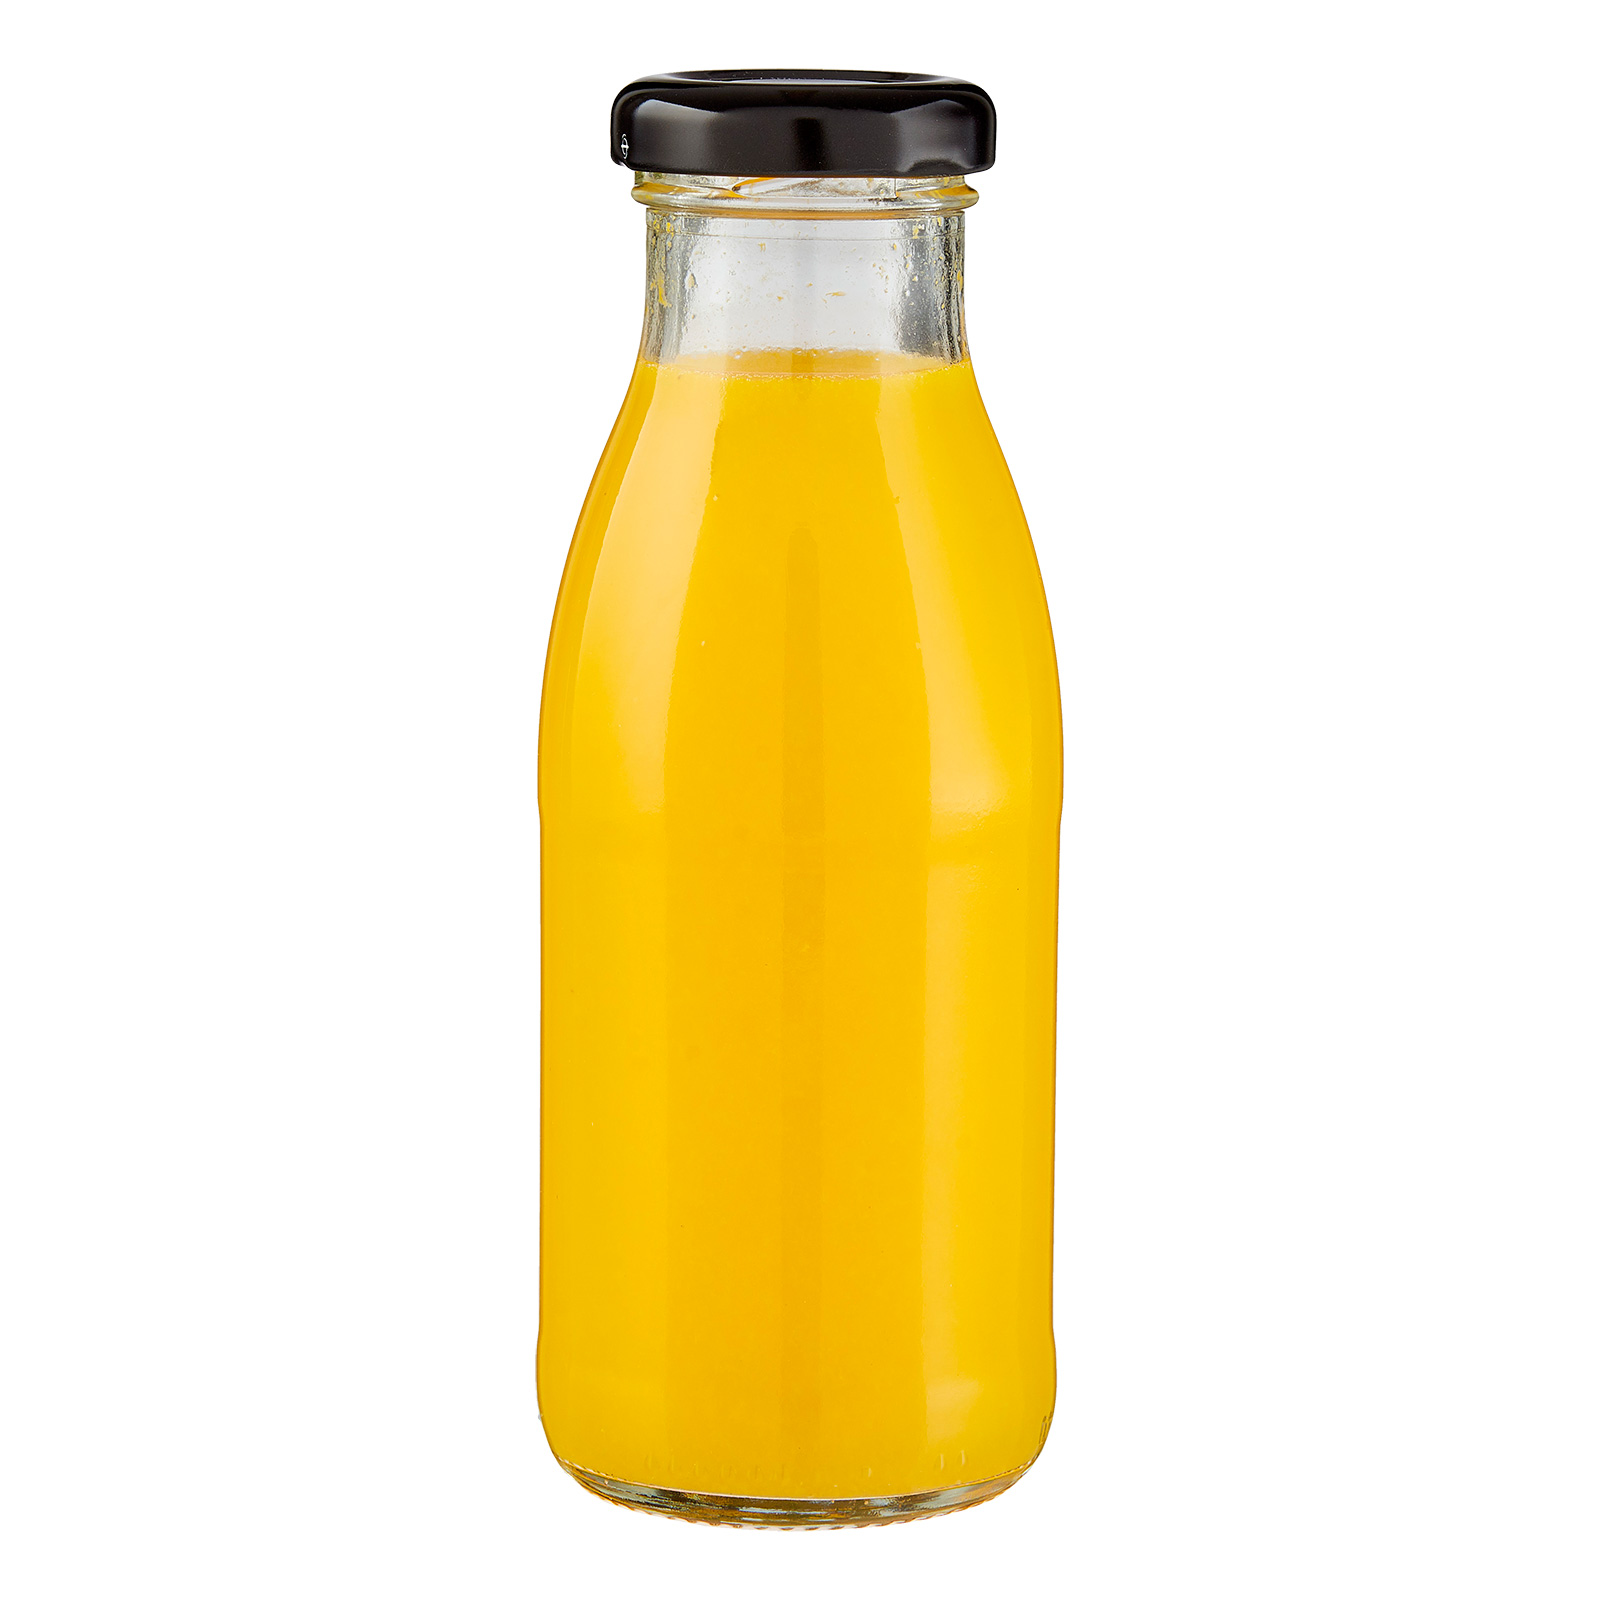 Mandarinensaft in der Flasche